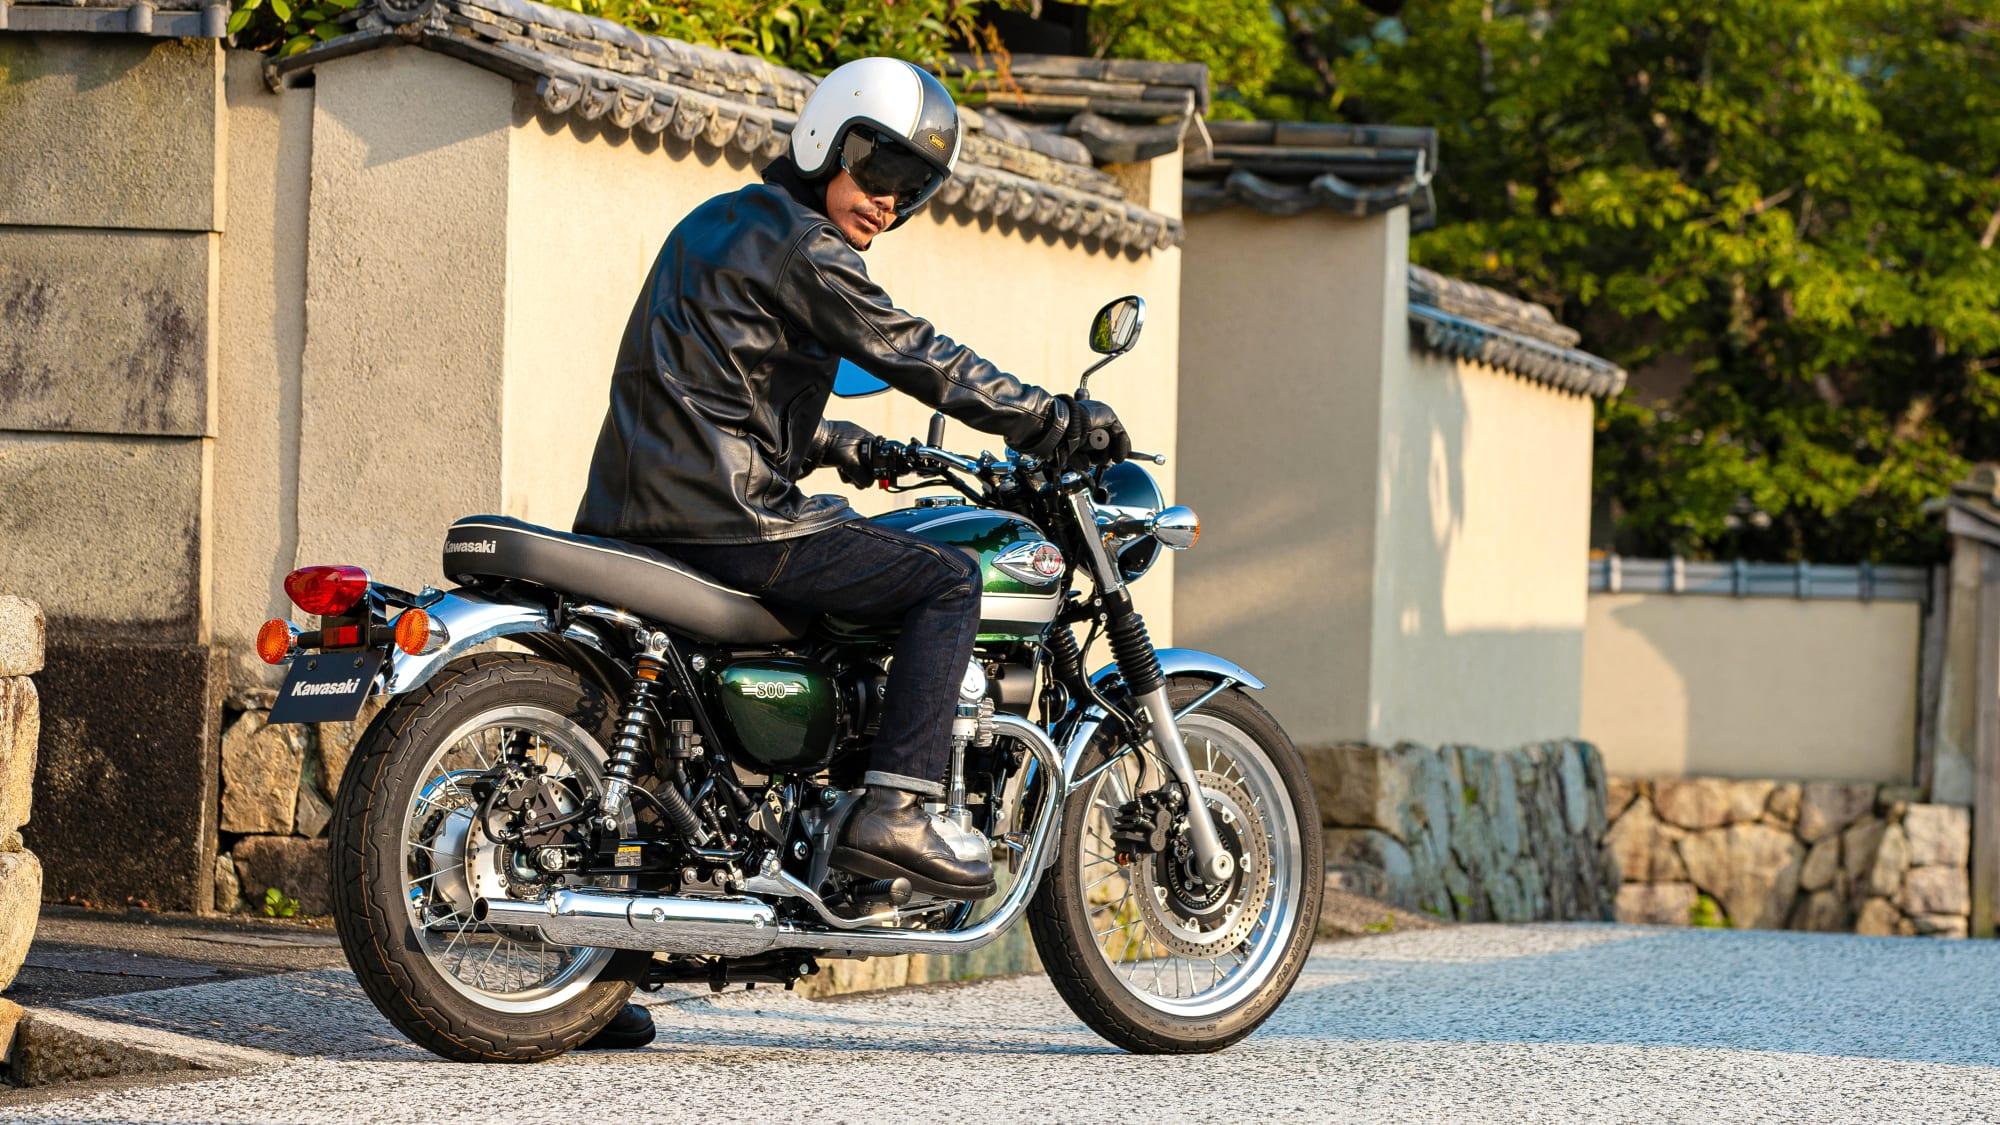 Mann sitzt auf Kawasaki W800